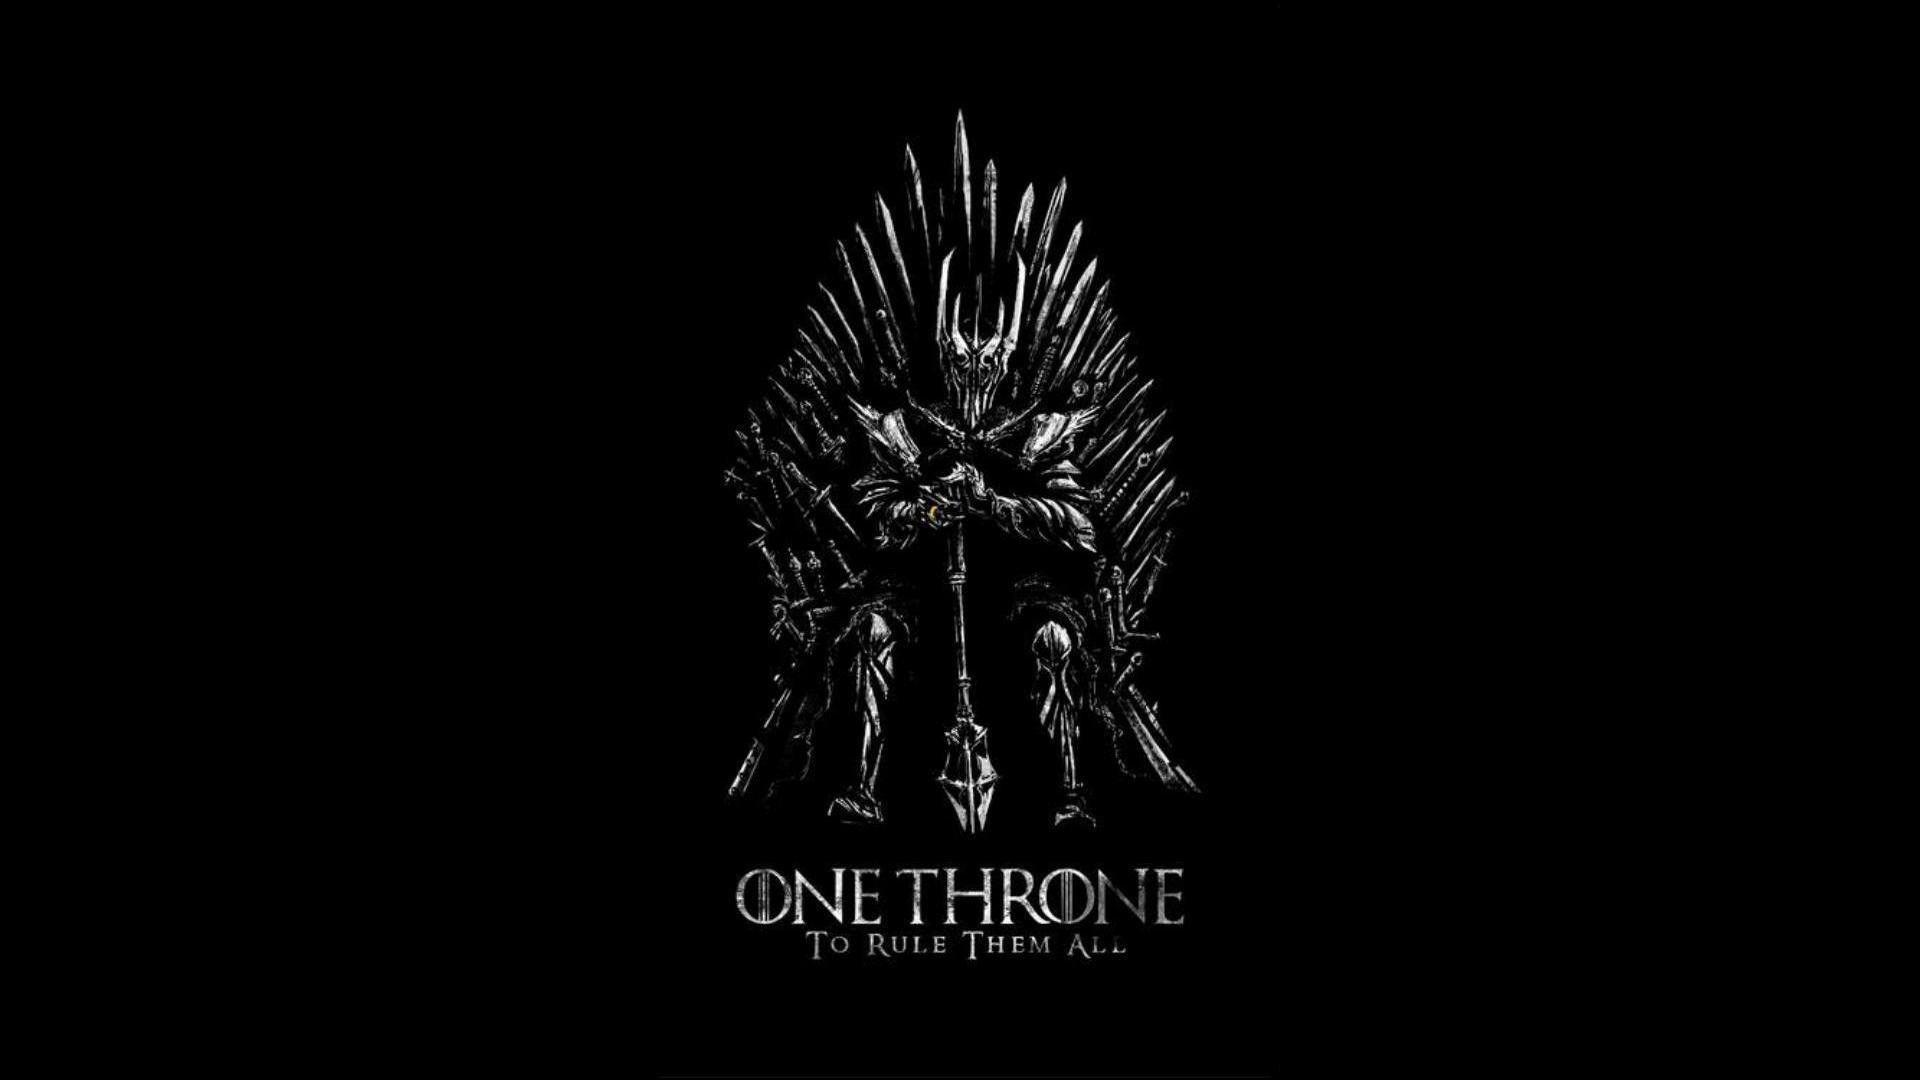 Game of Thrones Wallpaper 1080p – WallpaperSafari